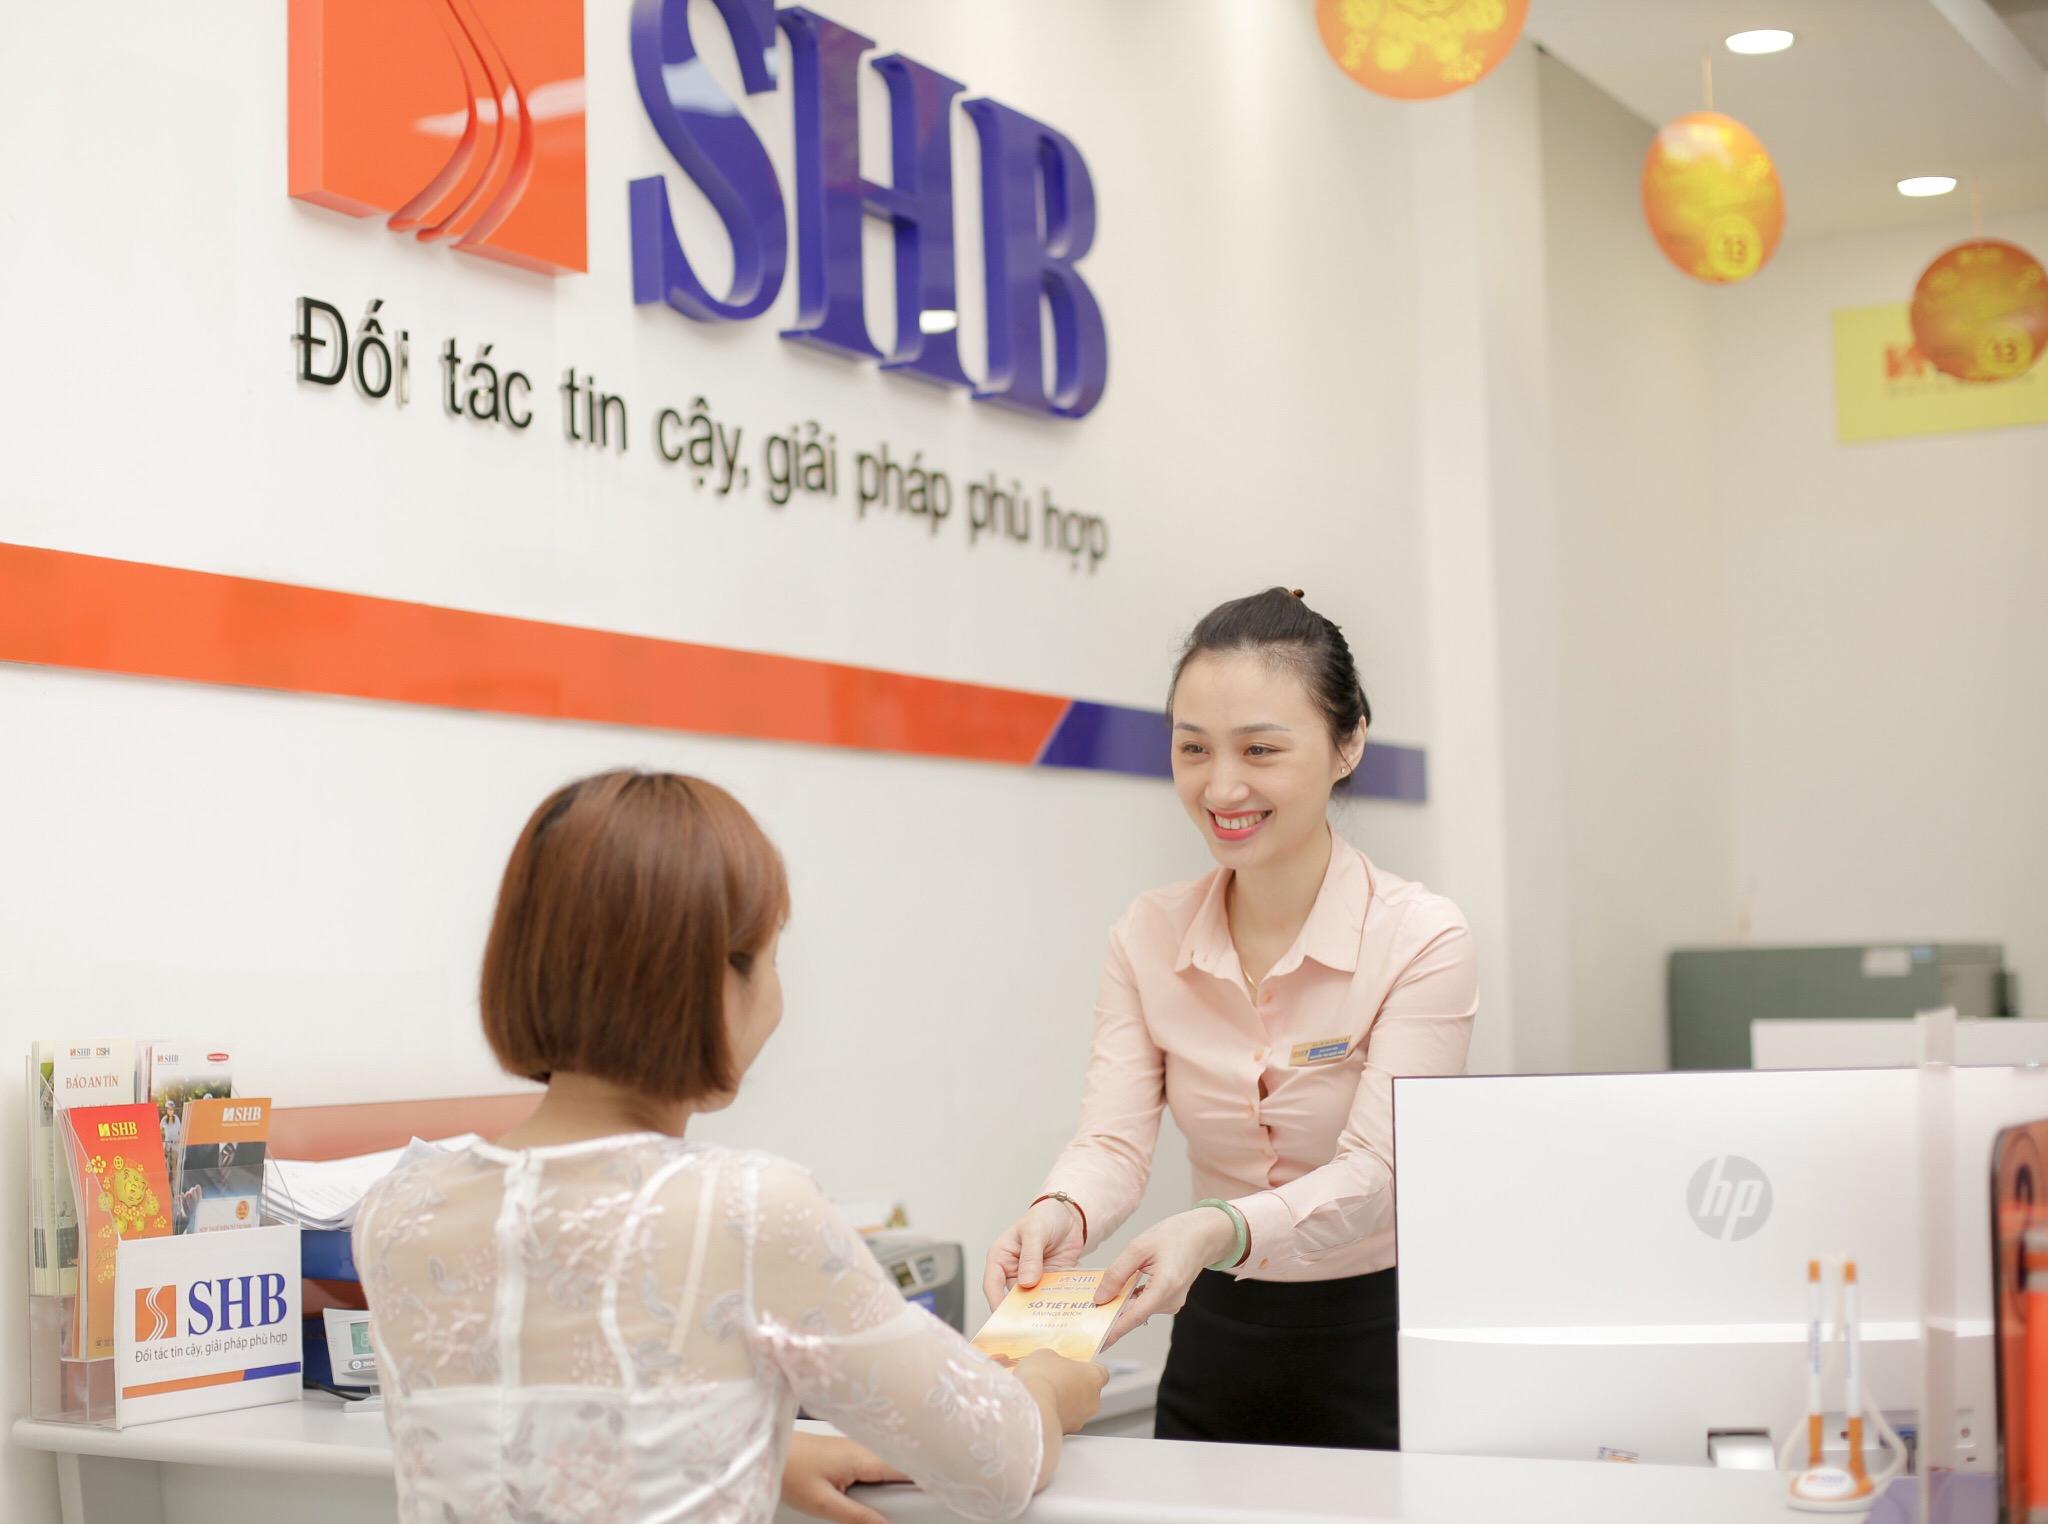 Ưu đãi chào hè, SHB áp dụng lãi suất huy động lên tới 8,1%/năm  - Ảnh 1.